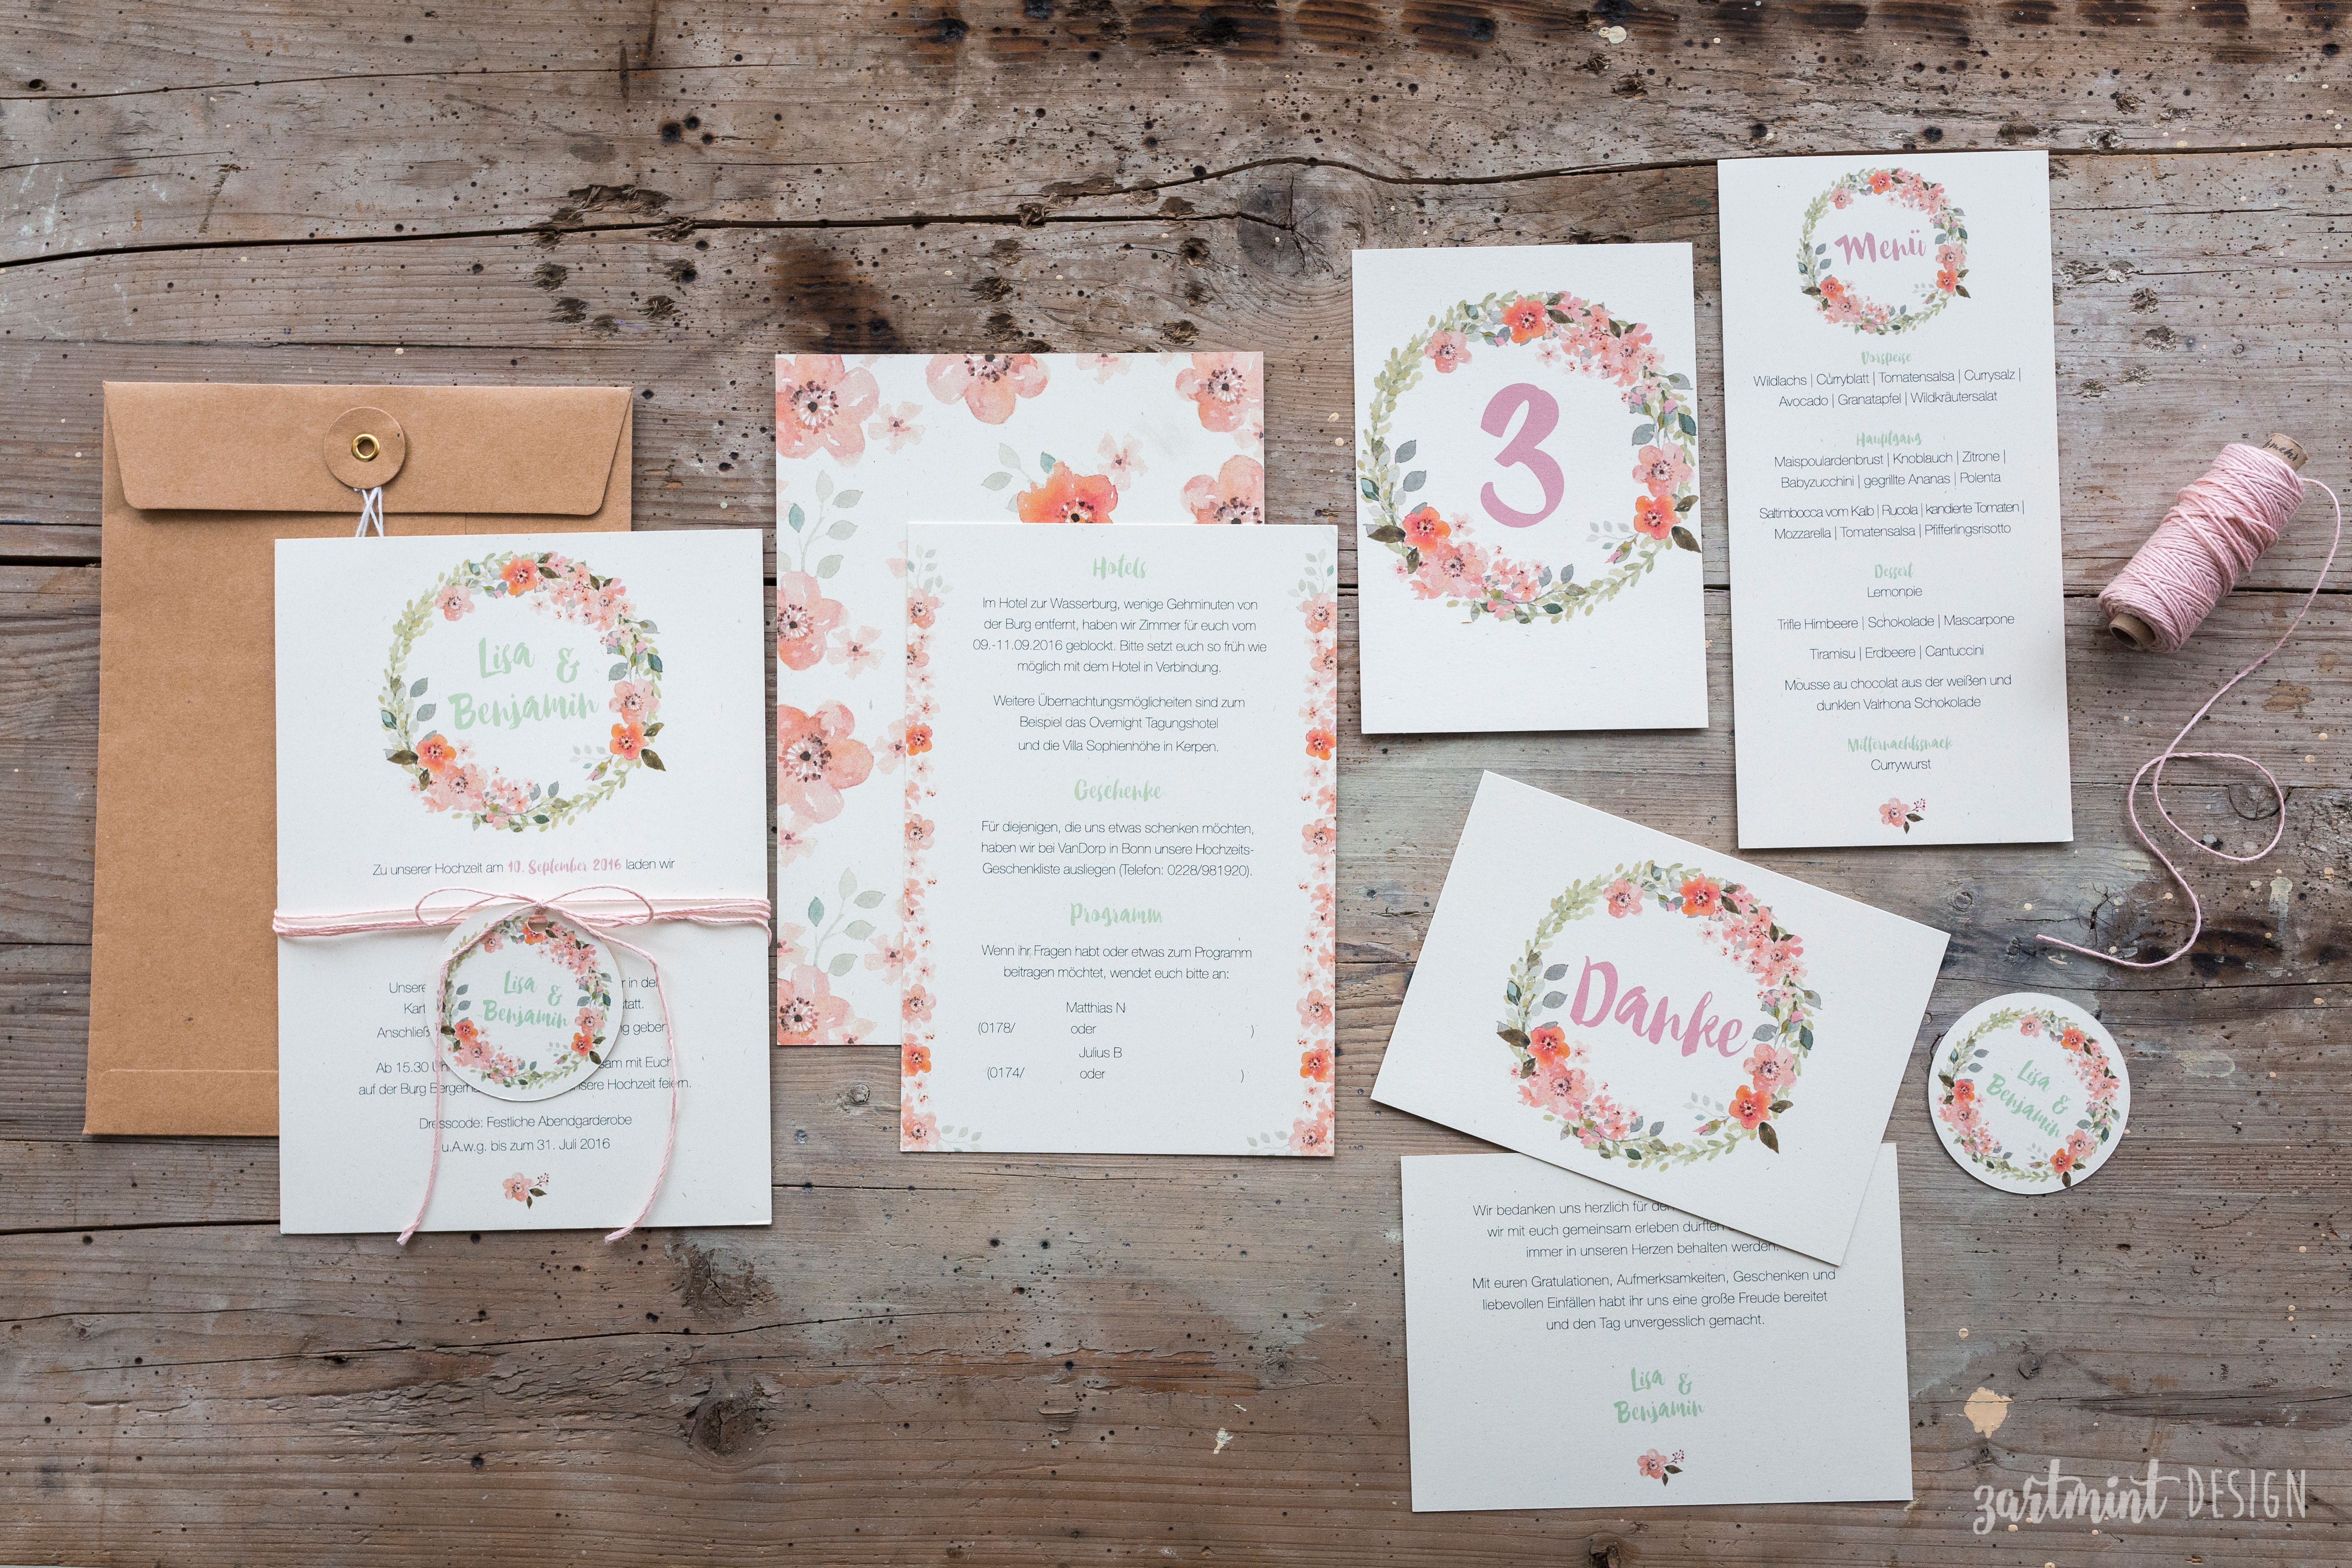 Hochzeitseinladungen Mit Blumenkranz Auf Naturpapier U003c3 Kraftpapier,  Vintage, Rose, Greenery, Flower